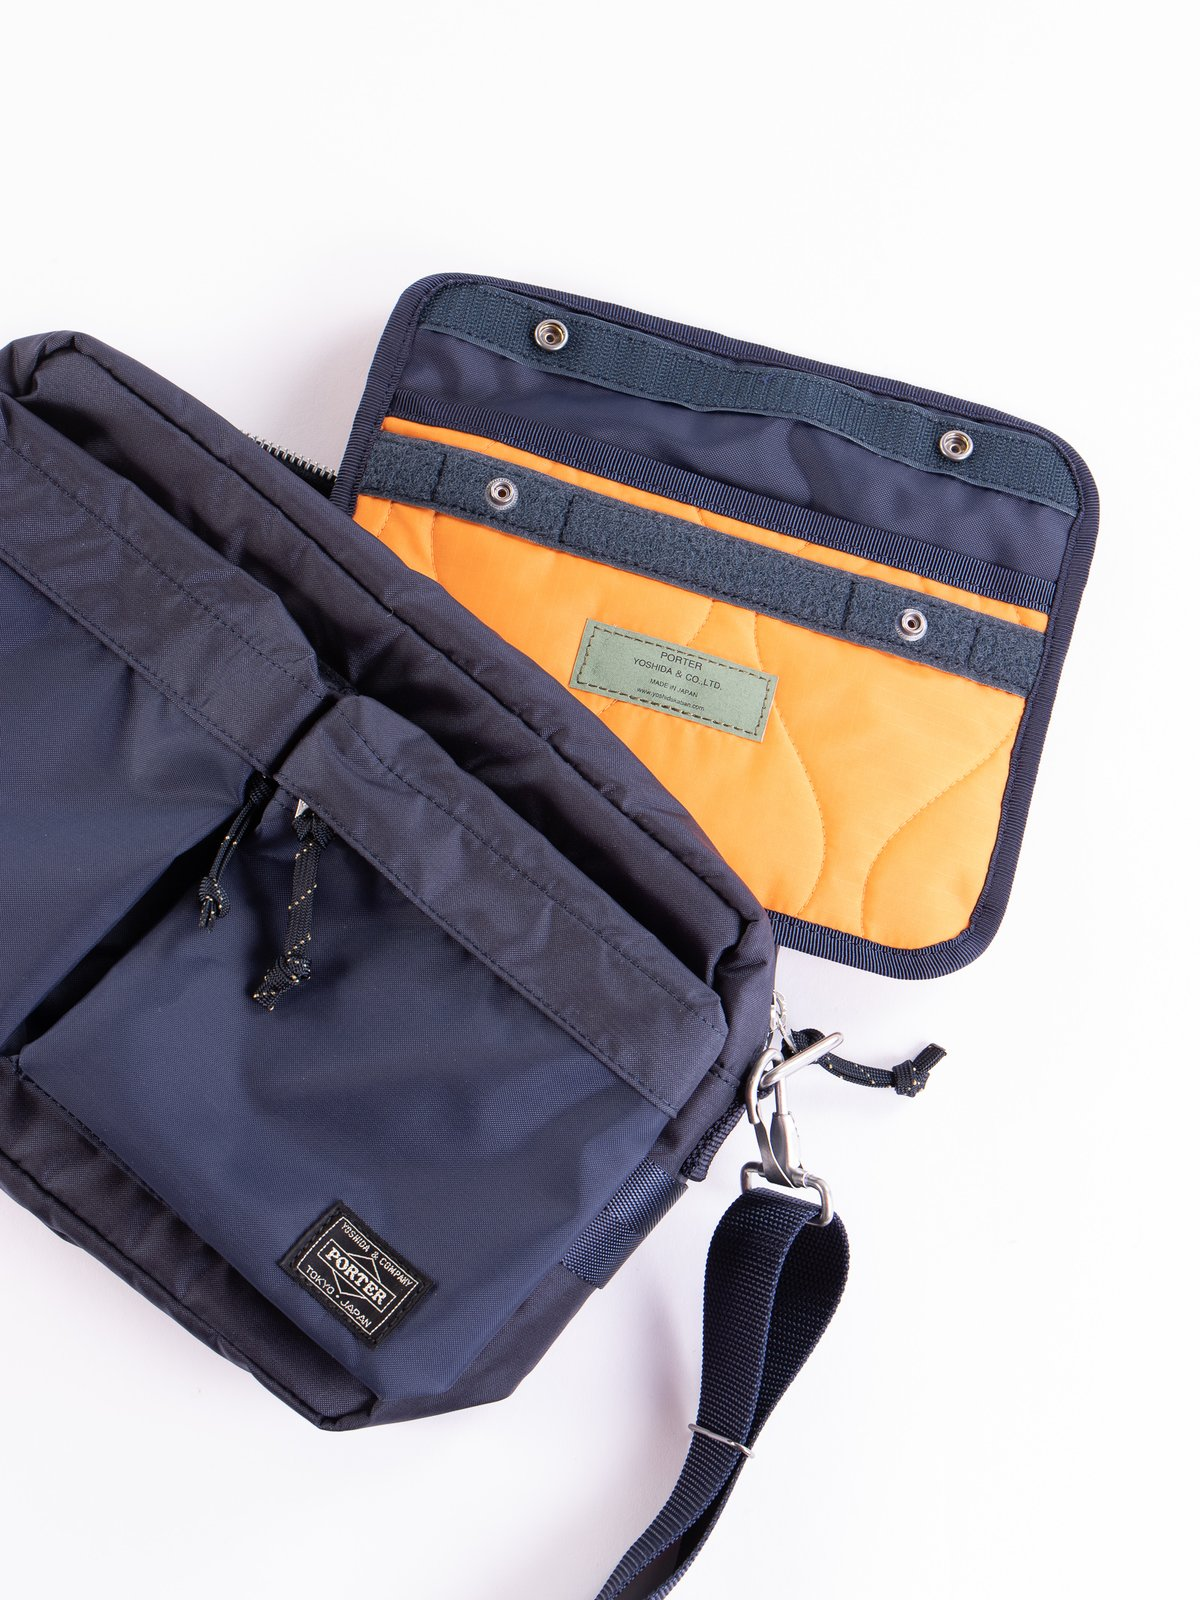 Navy Force Small Shoulder Bag - Image 4